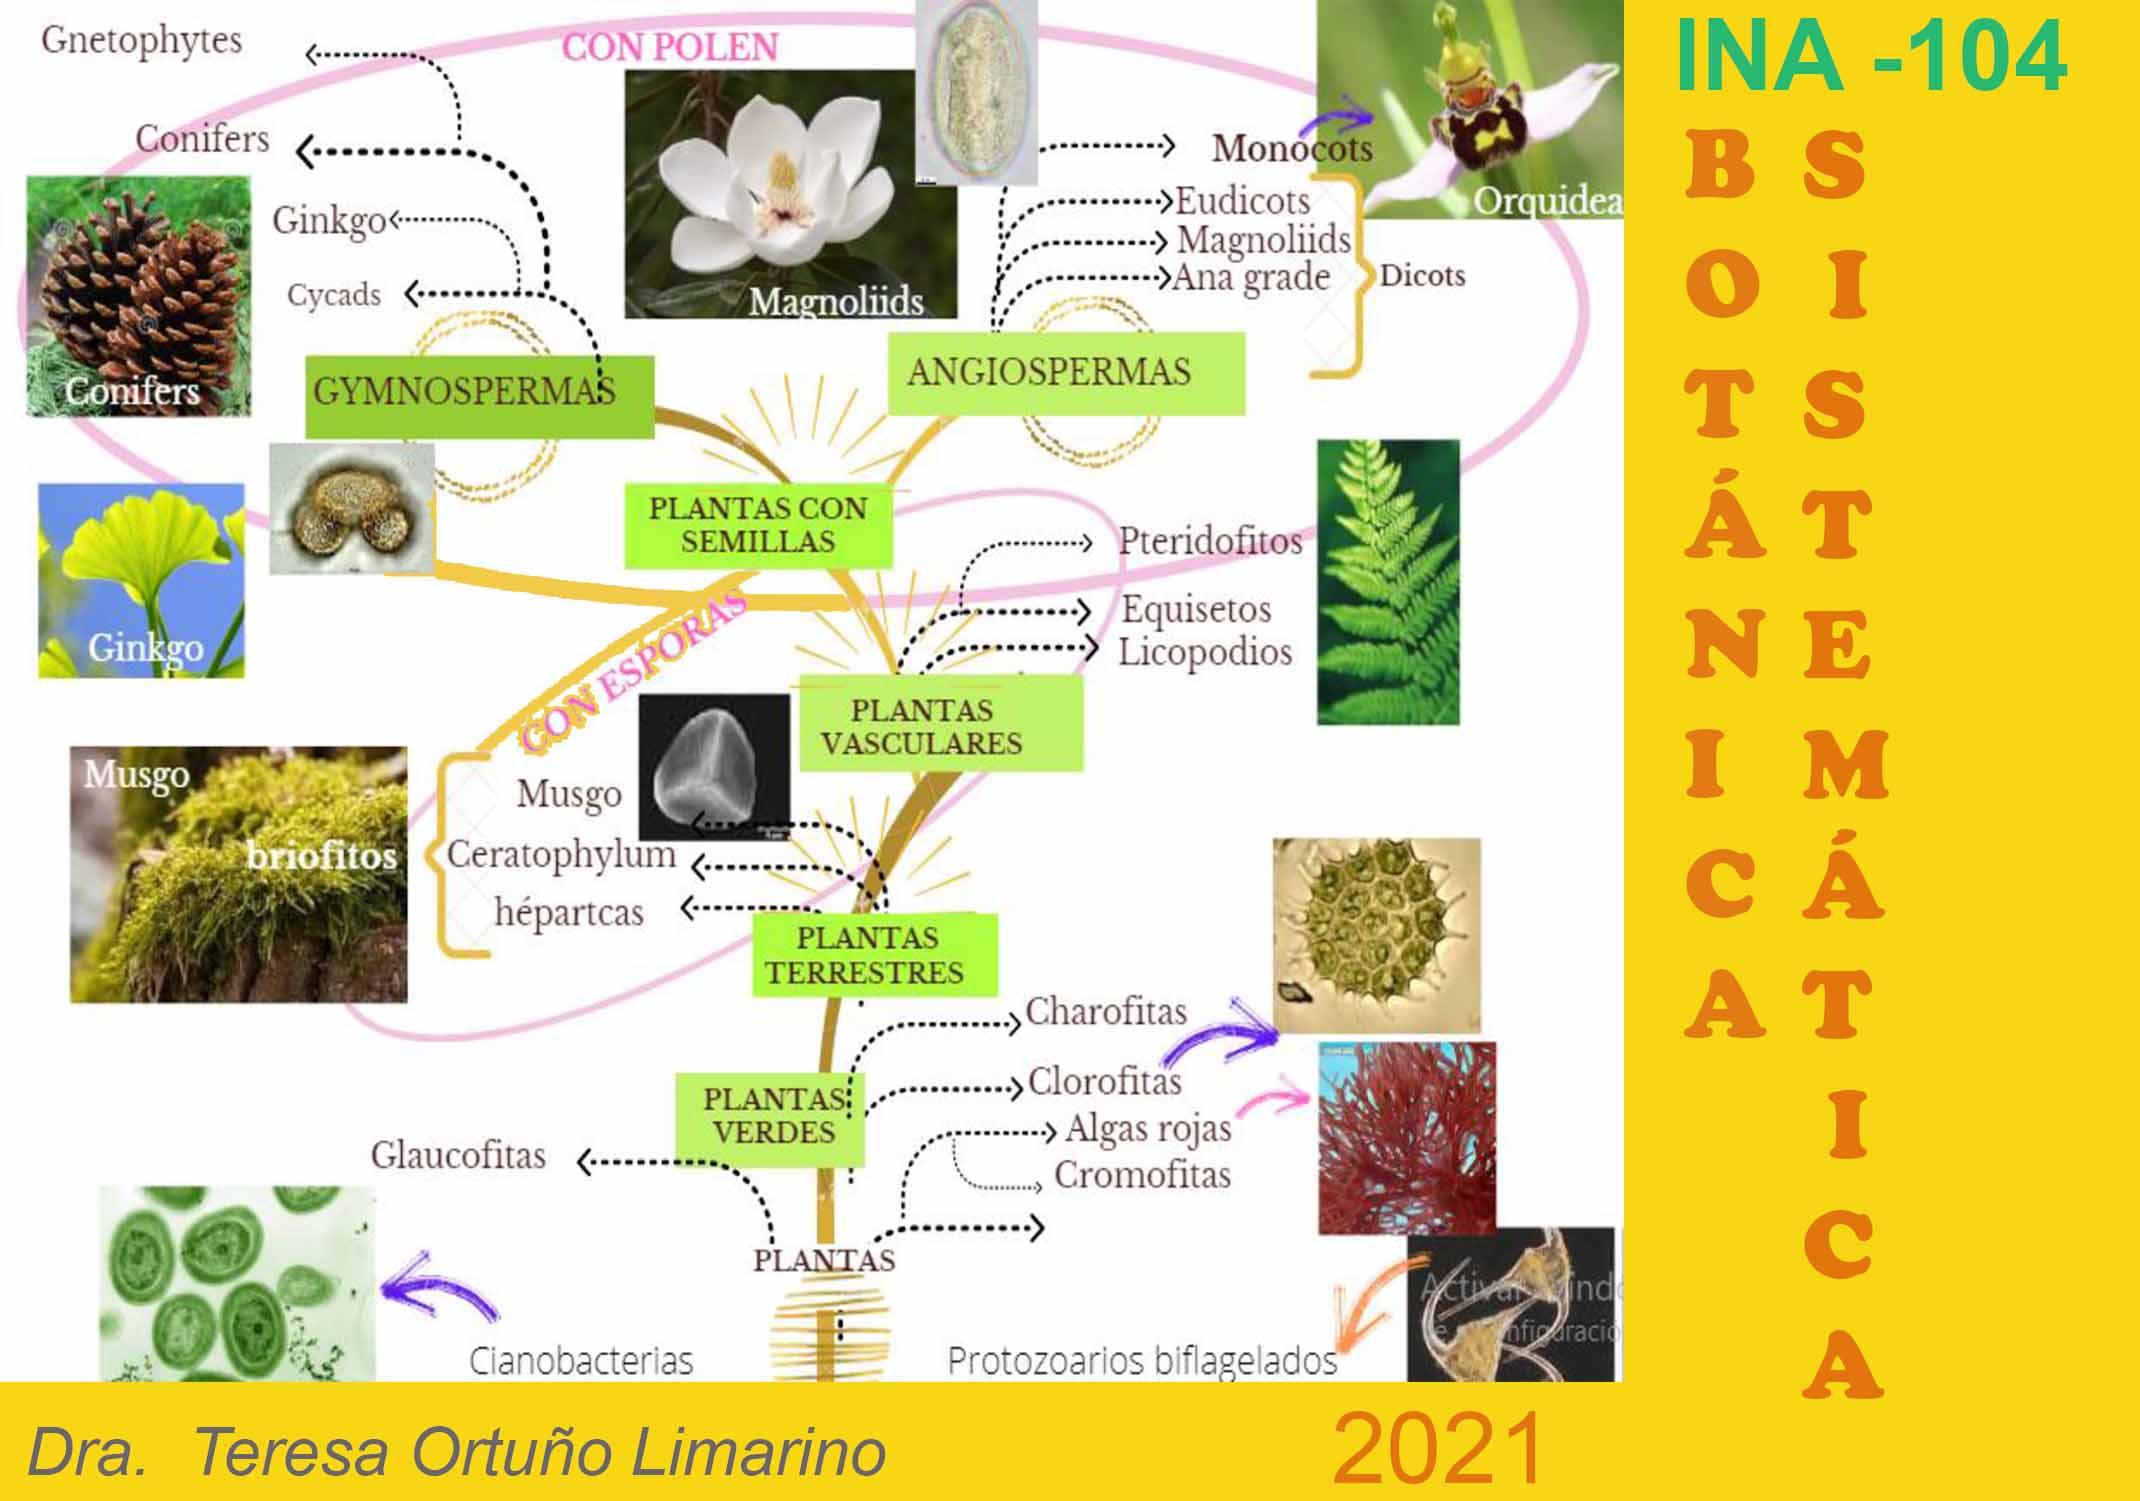 INA-104 Botánica Sistemática